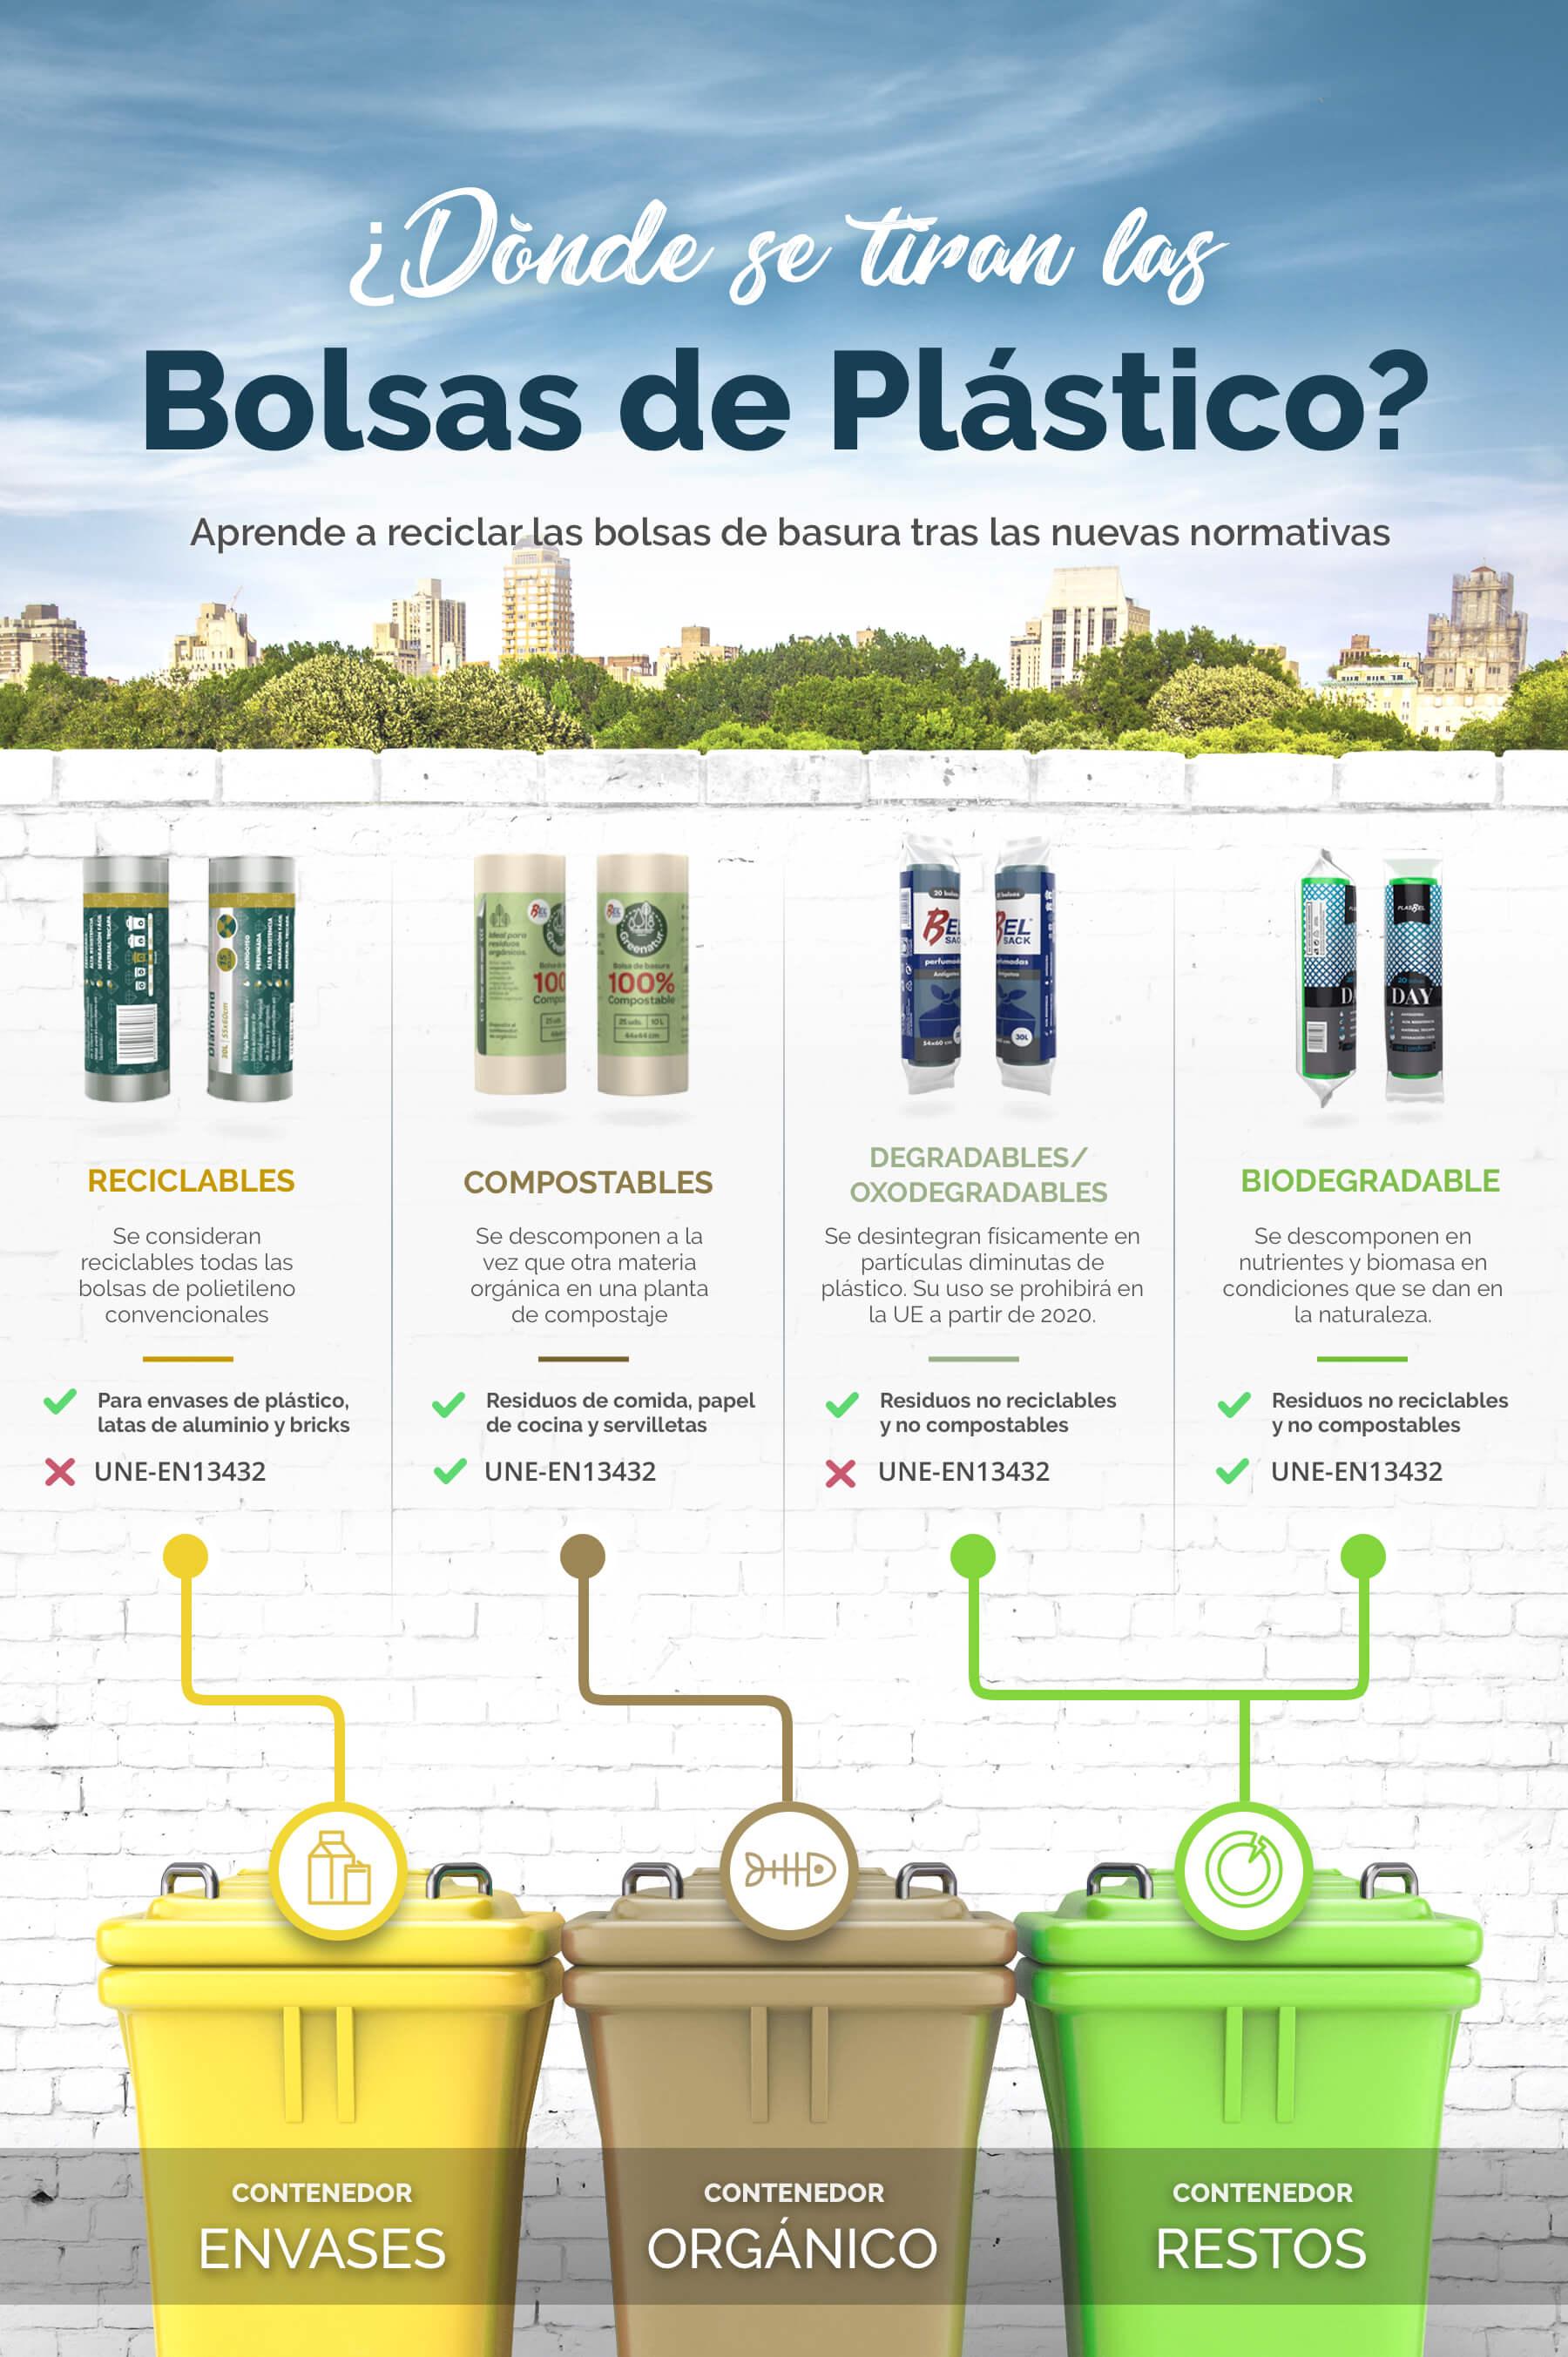 Reciclar bolsas de plástico: ¿tienes claro en qué contenedor se depositan?